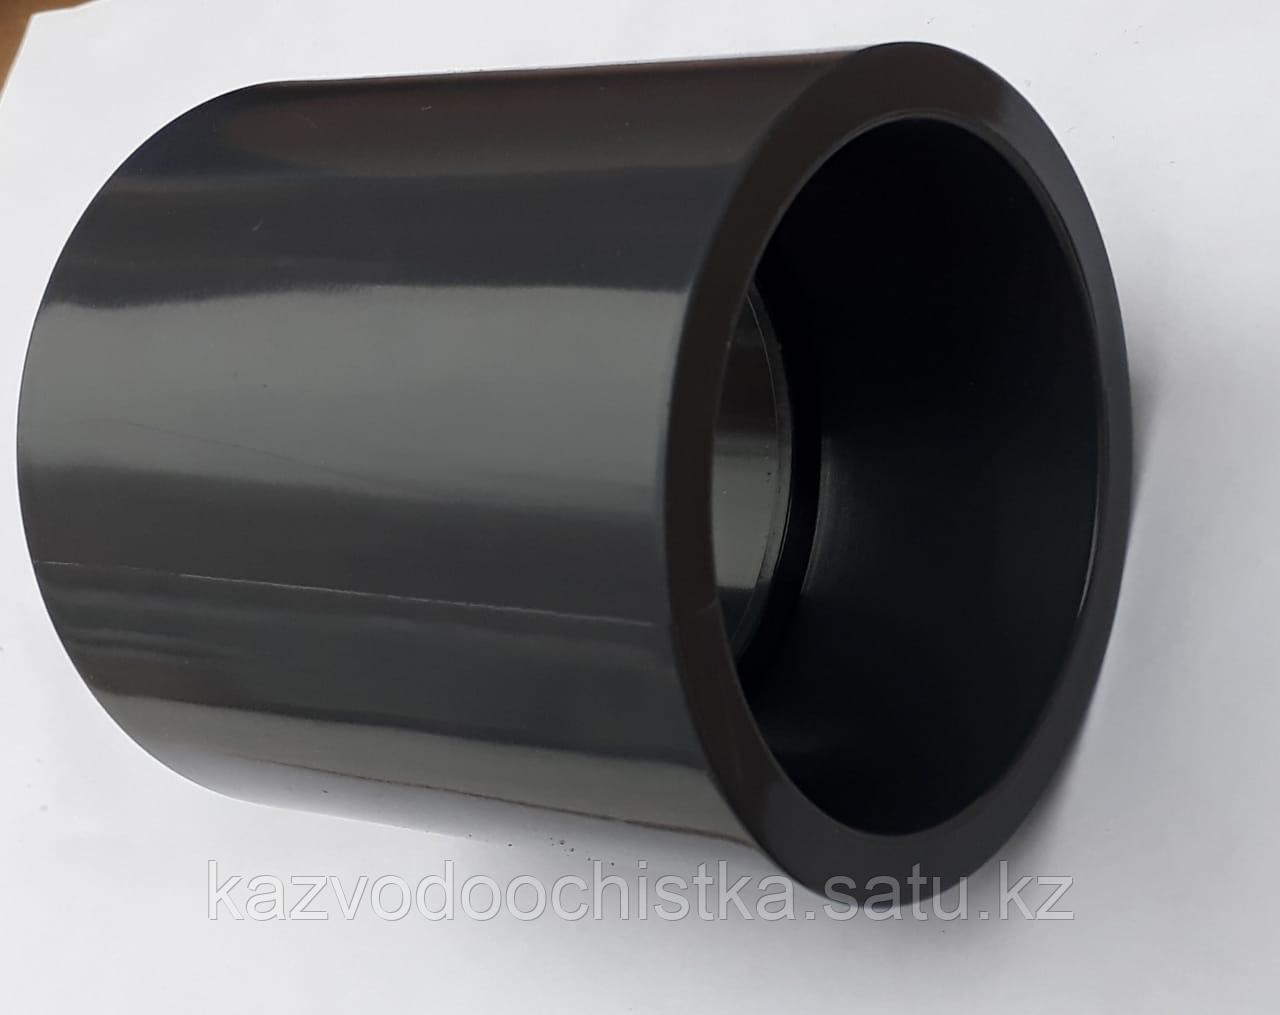 ПВХ Муфта неразъемная  (COUPLING) 50 мм.